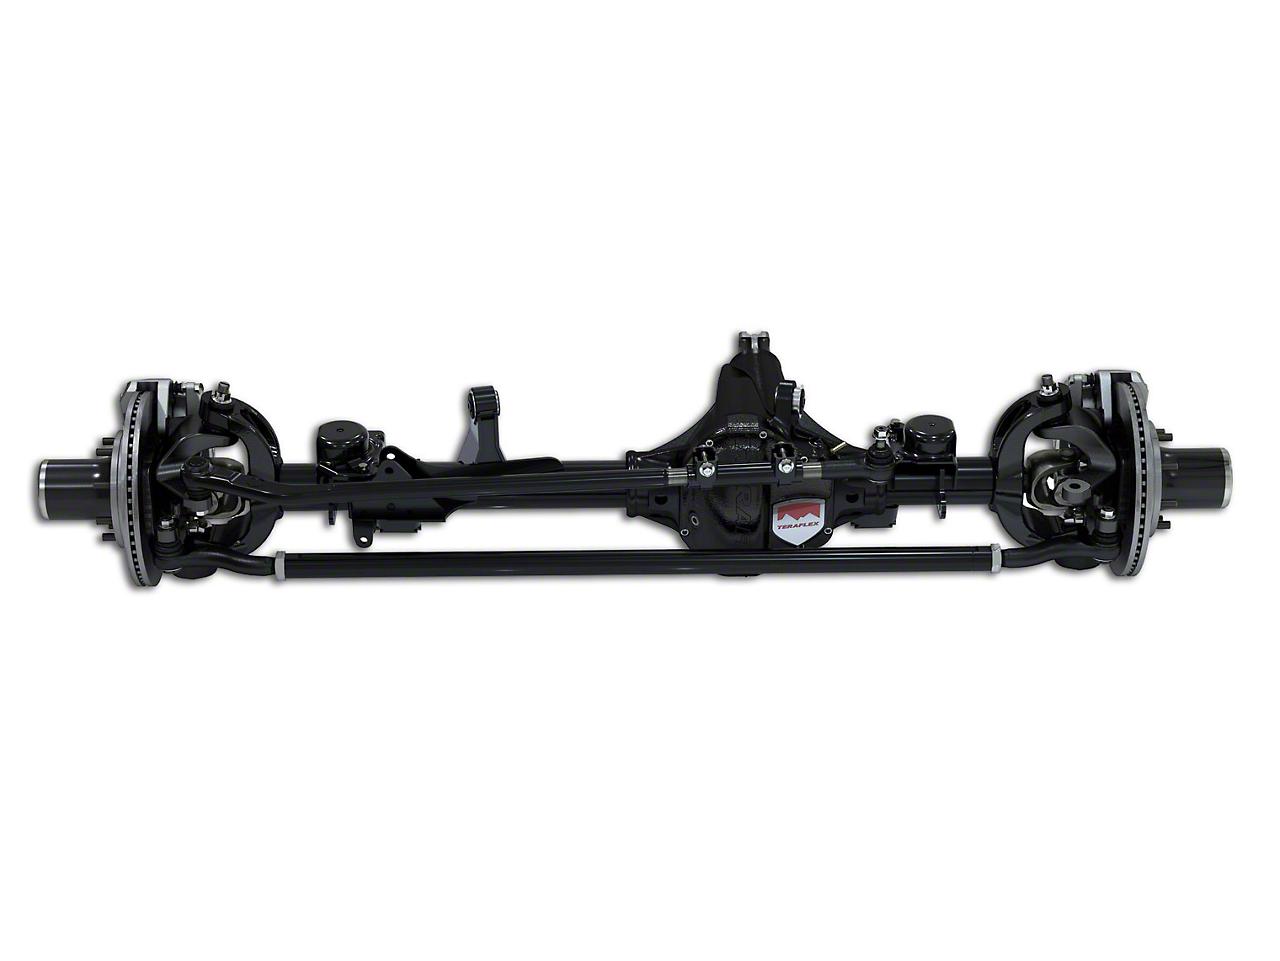 Teraflex Front Tera60 Axle w/ Locking Hubs & 4.88 Gears (07-18 Wrangler JK)